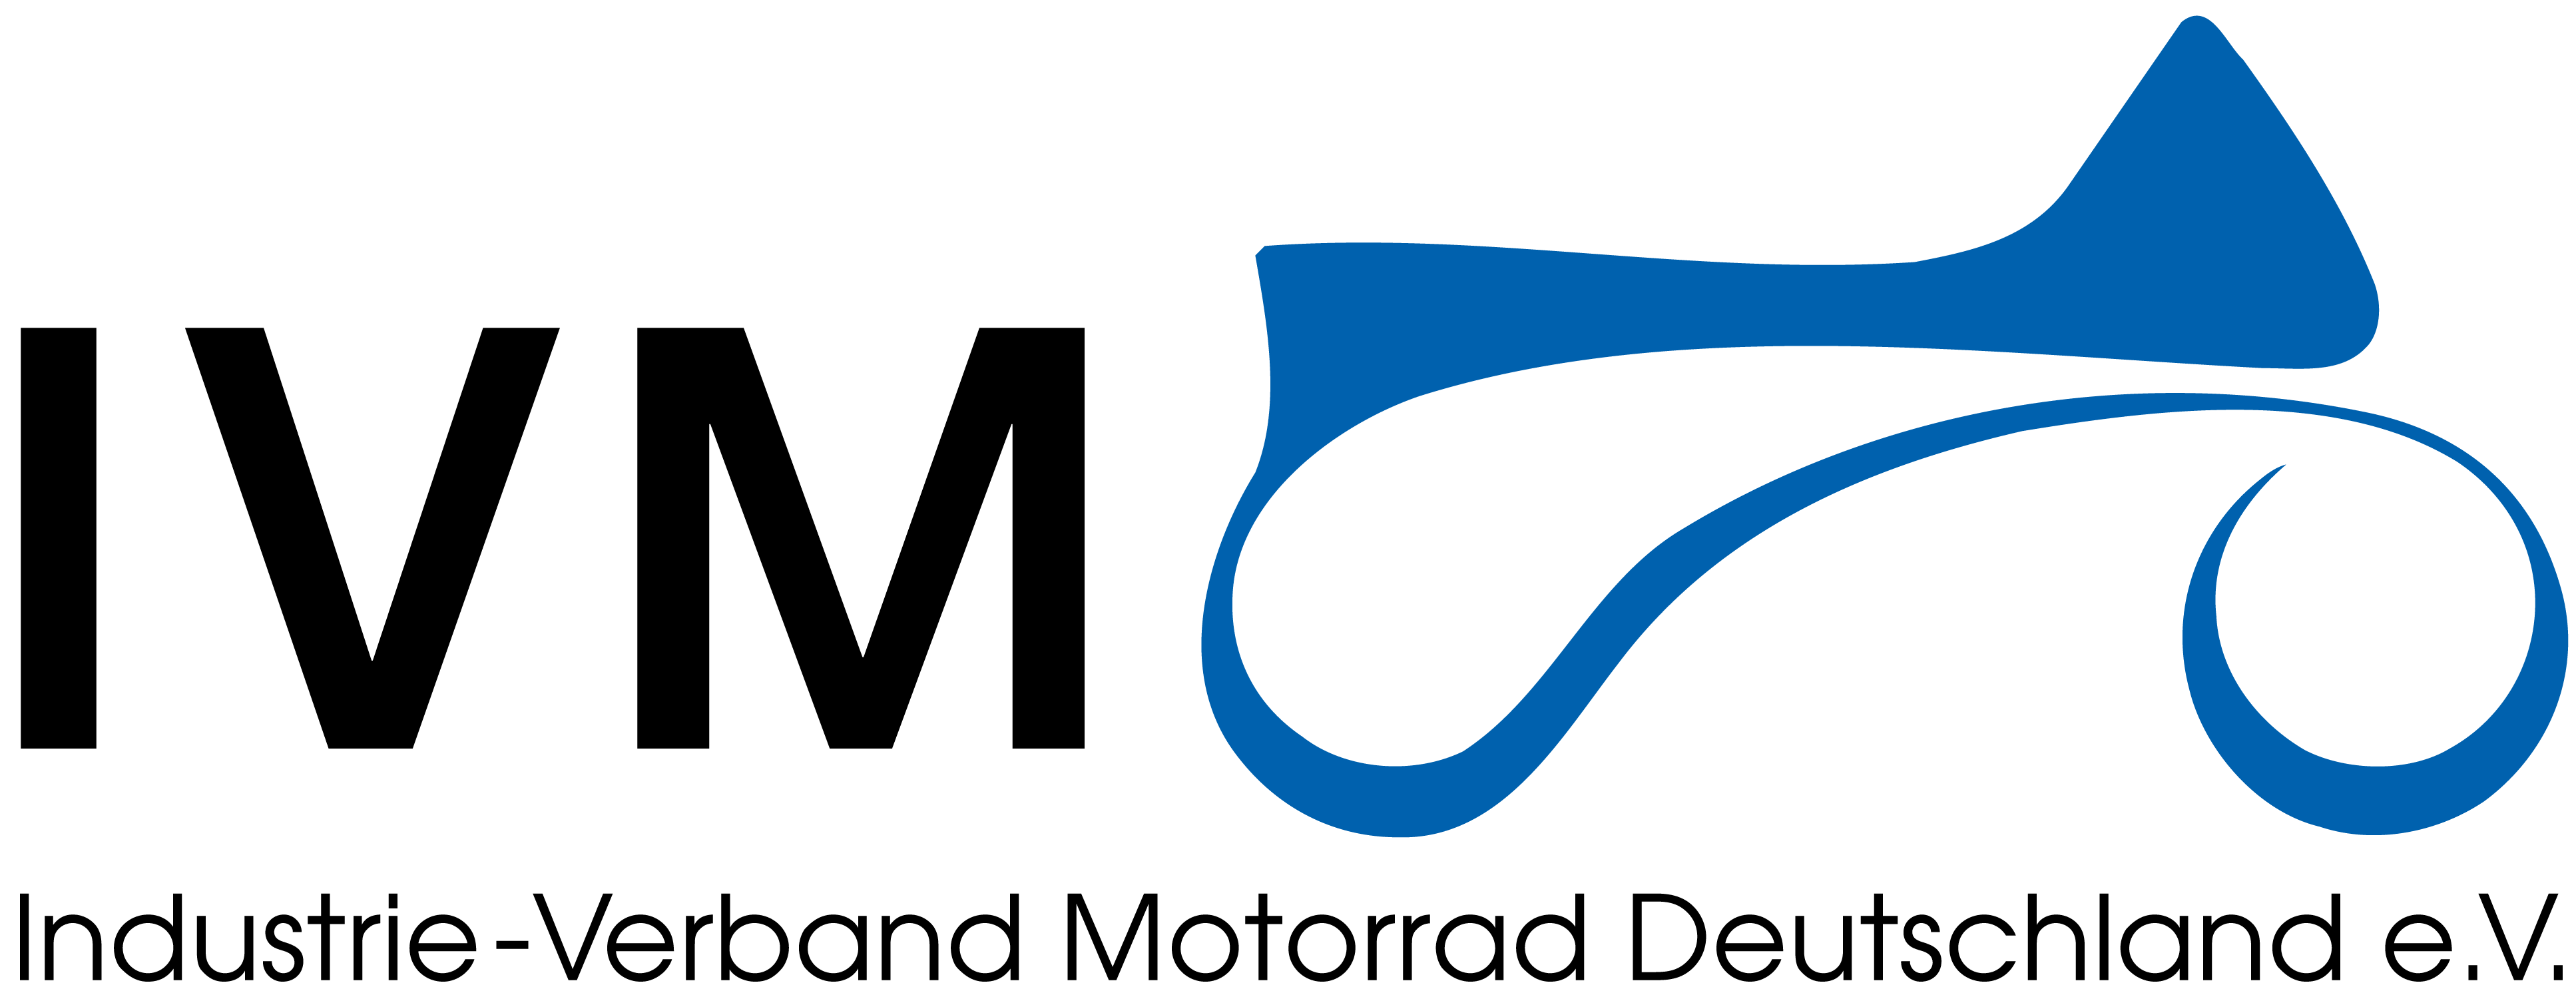 Industrieverband_Motorrad_Deutschland